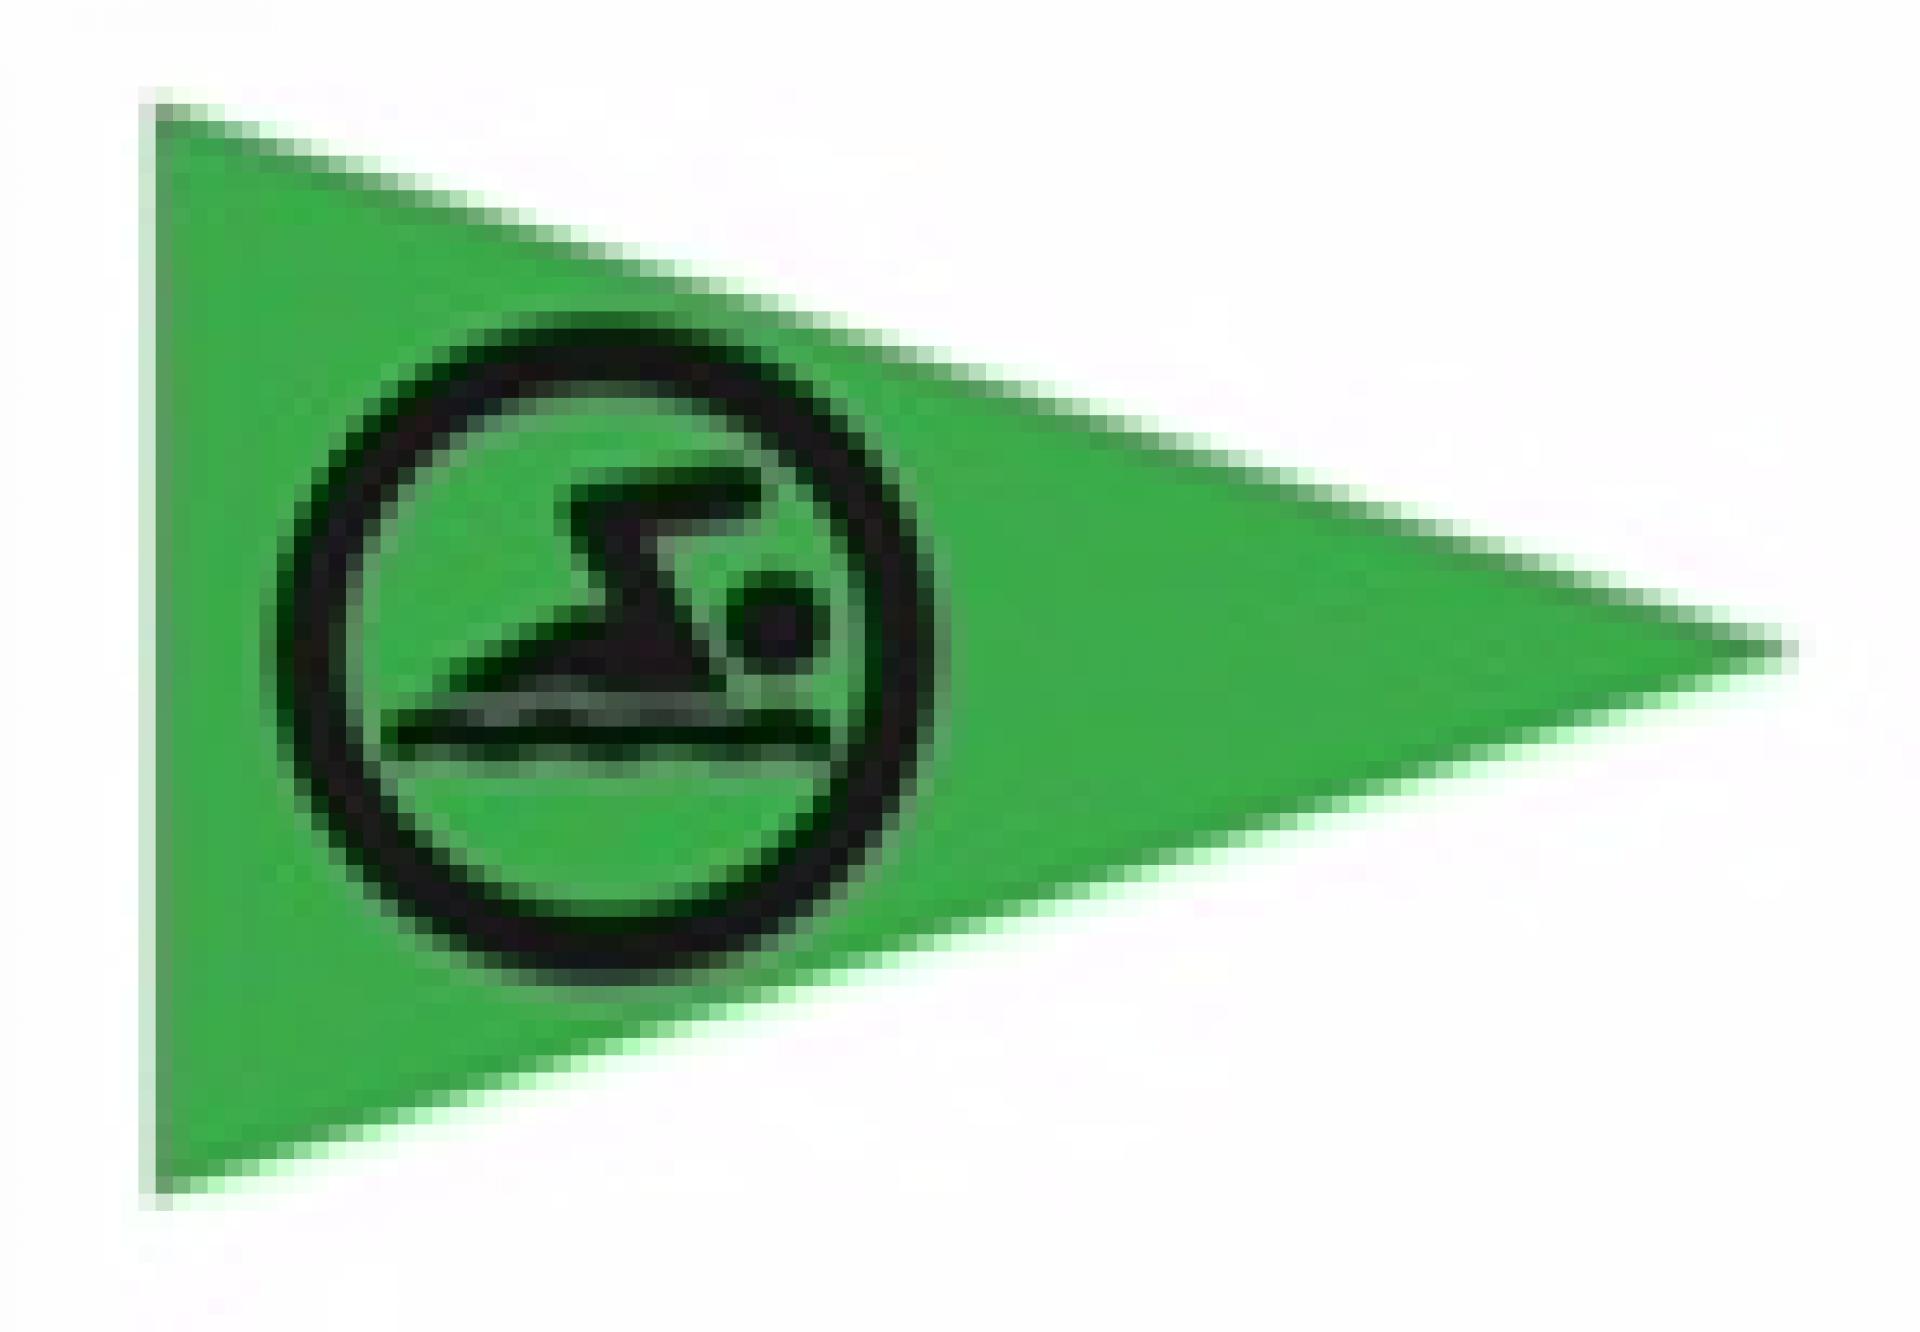 Signaletique Sur Les Zones D Activites Nautiques Internet Info Requin 4bf25